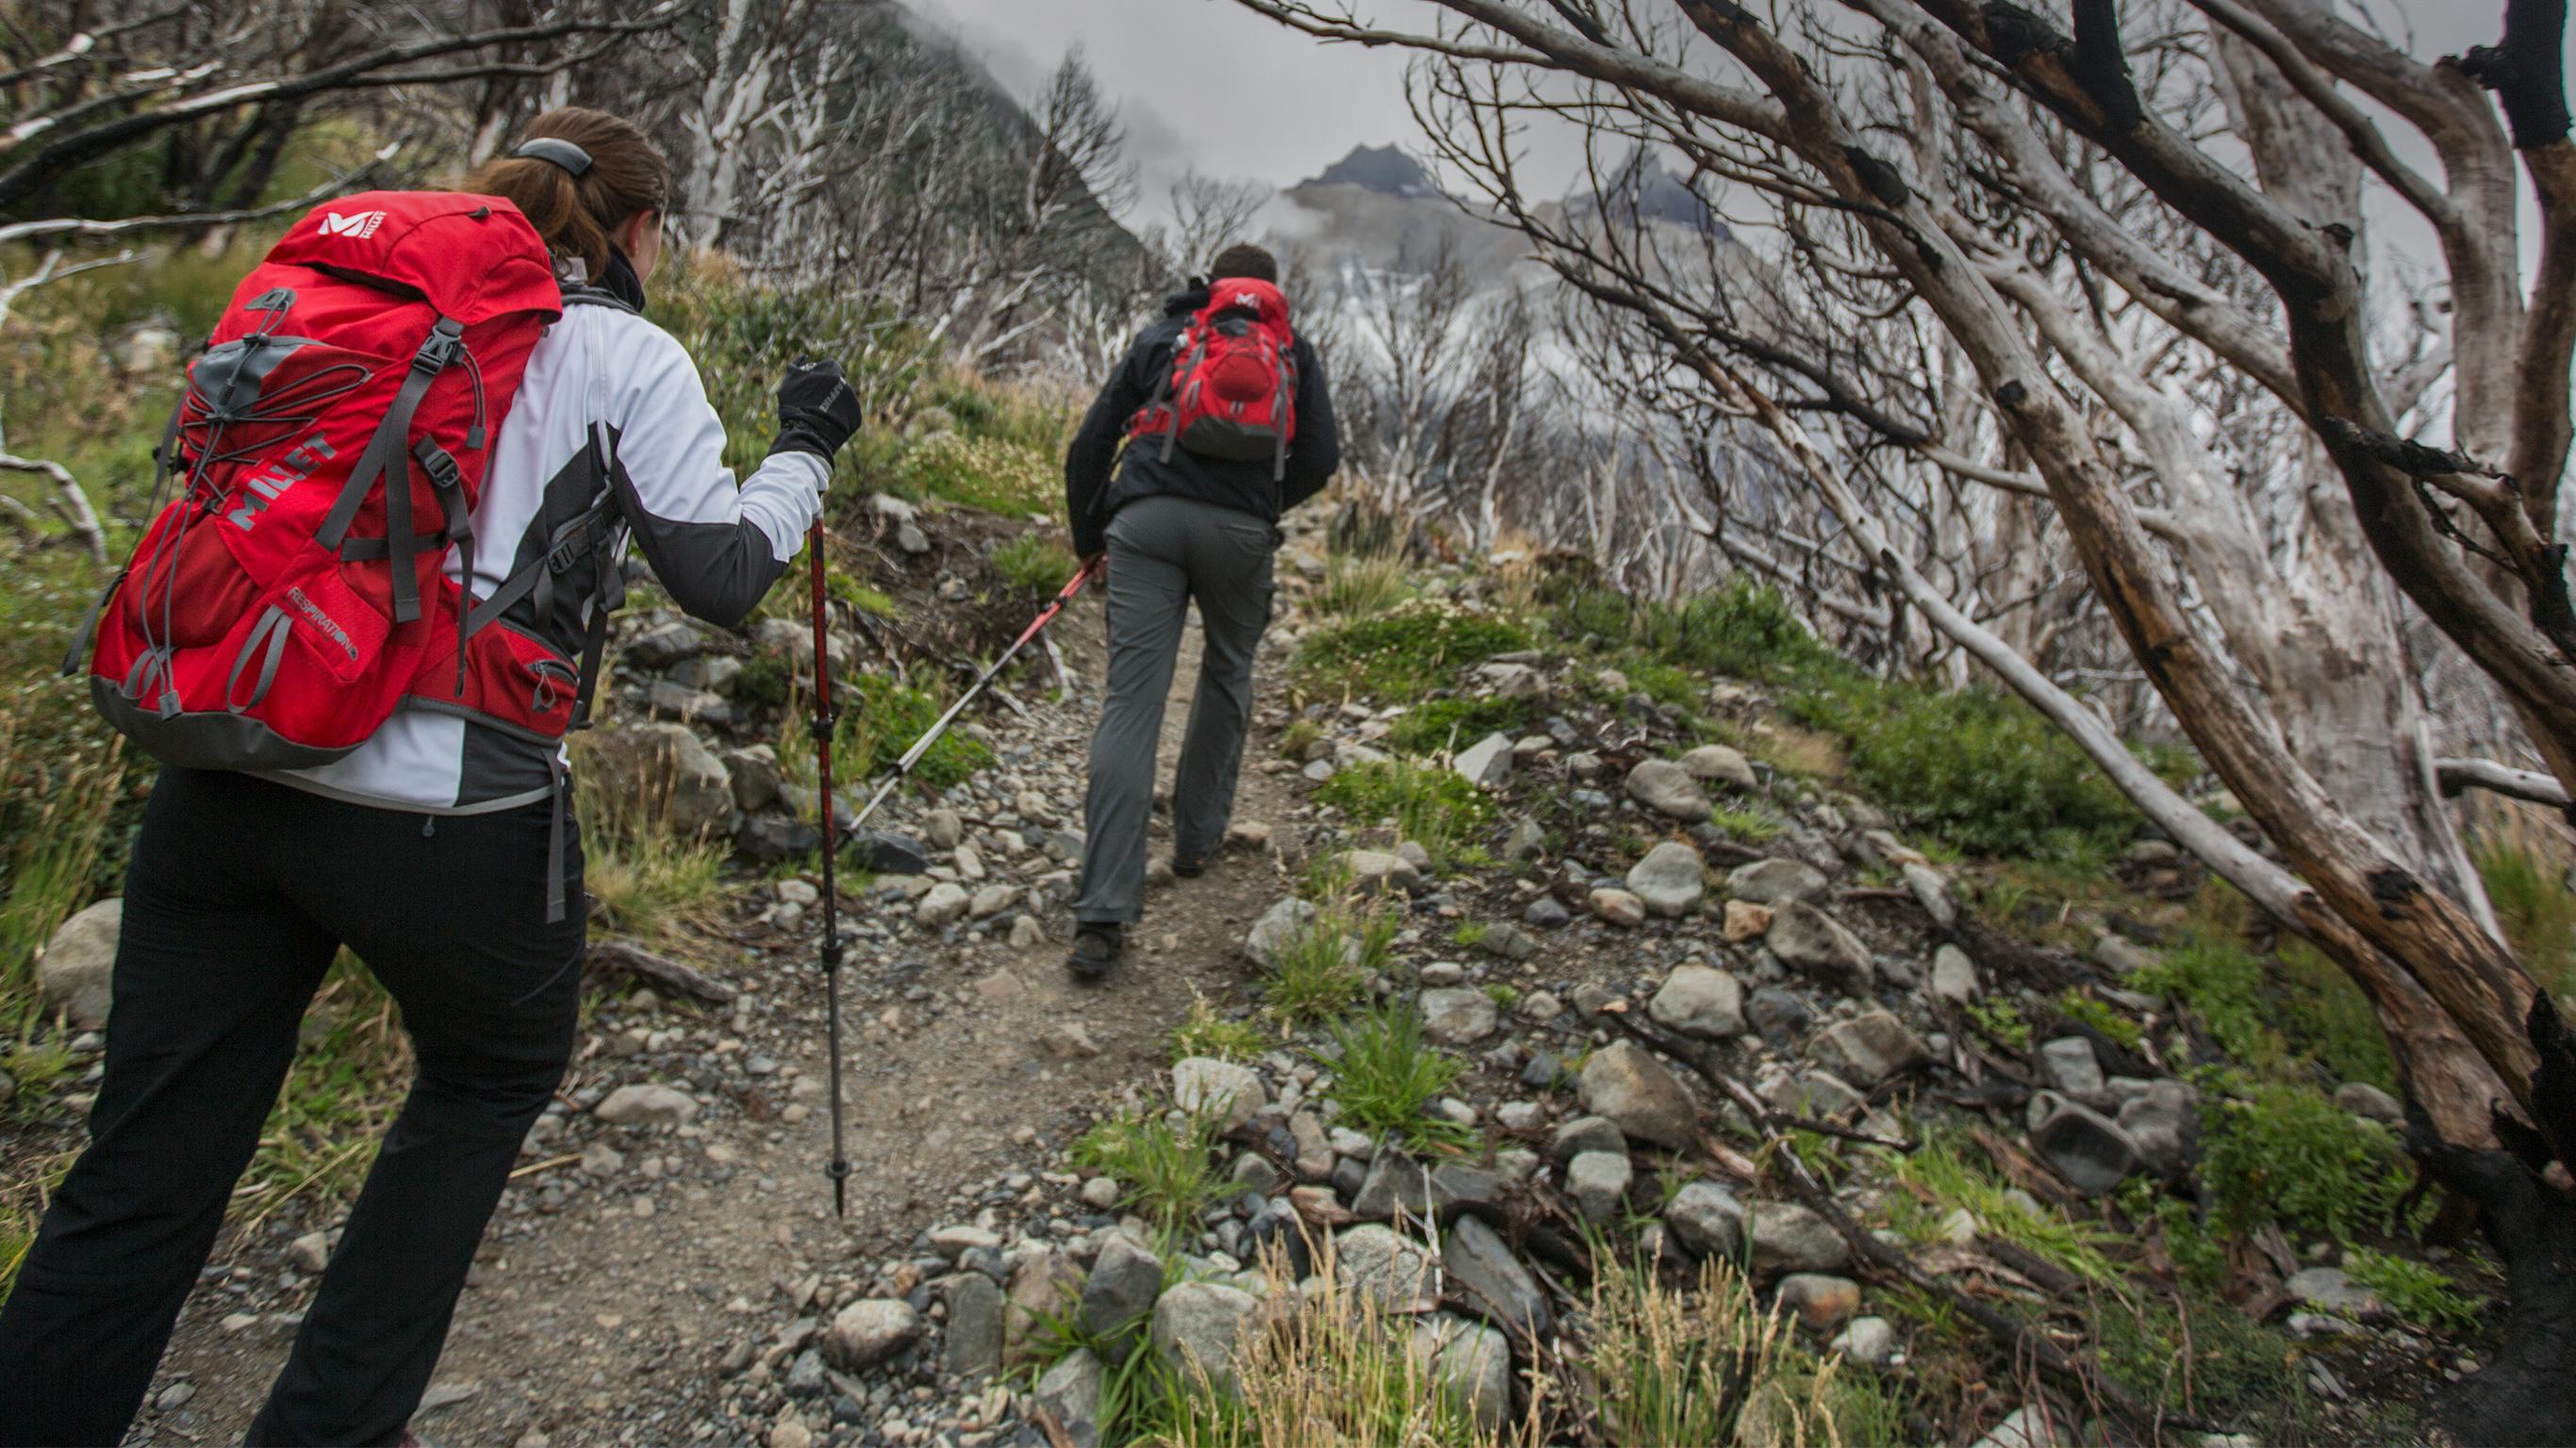 trekking-the-full-torres-del-paine-circuit